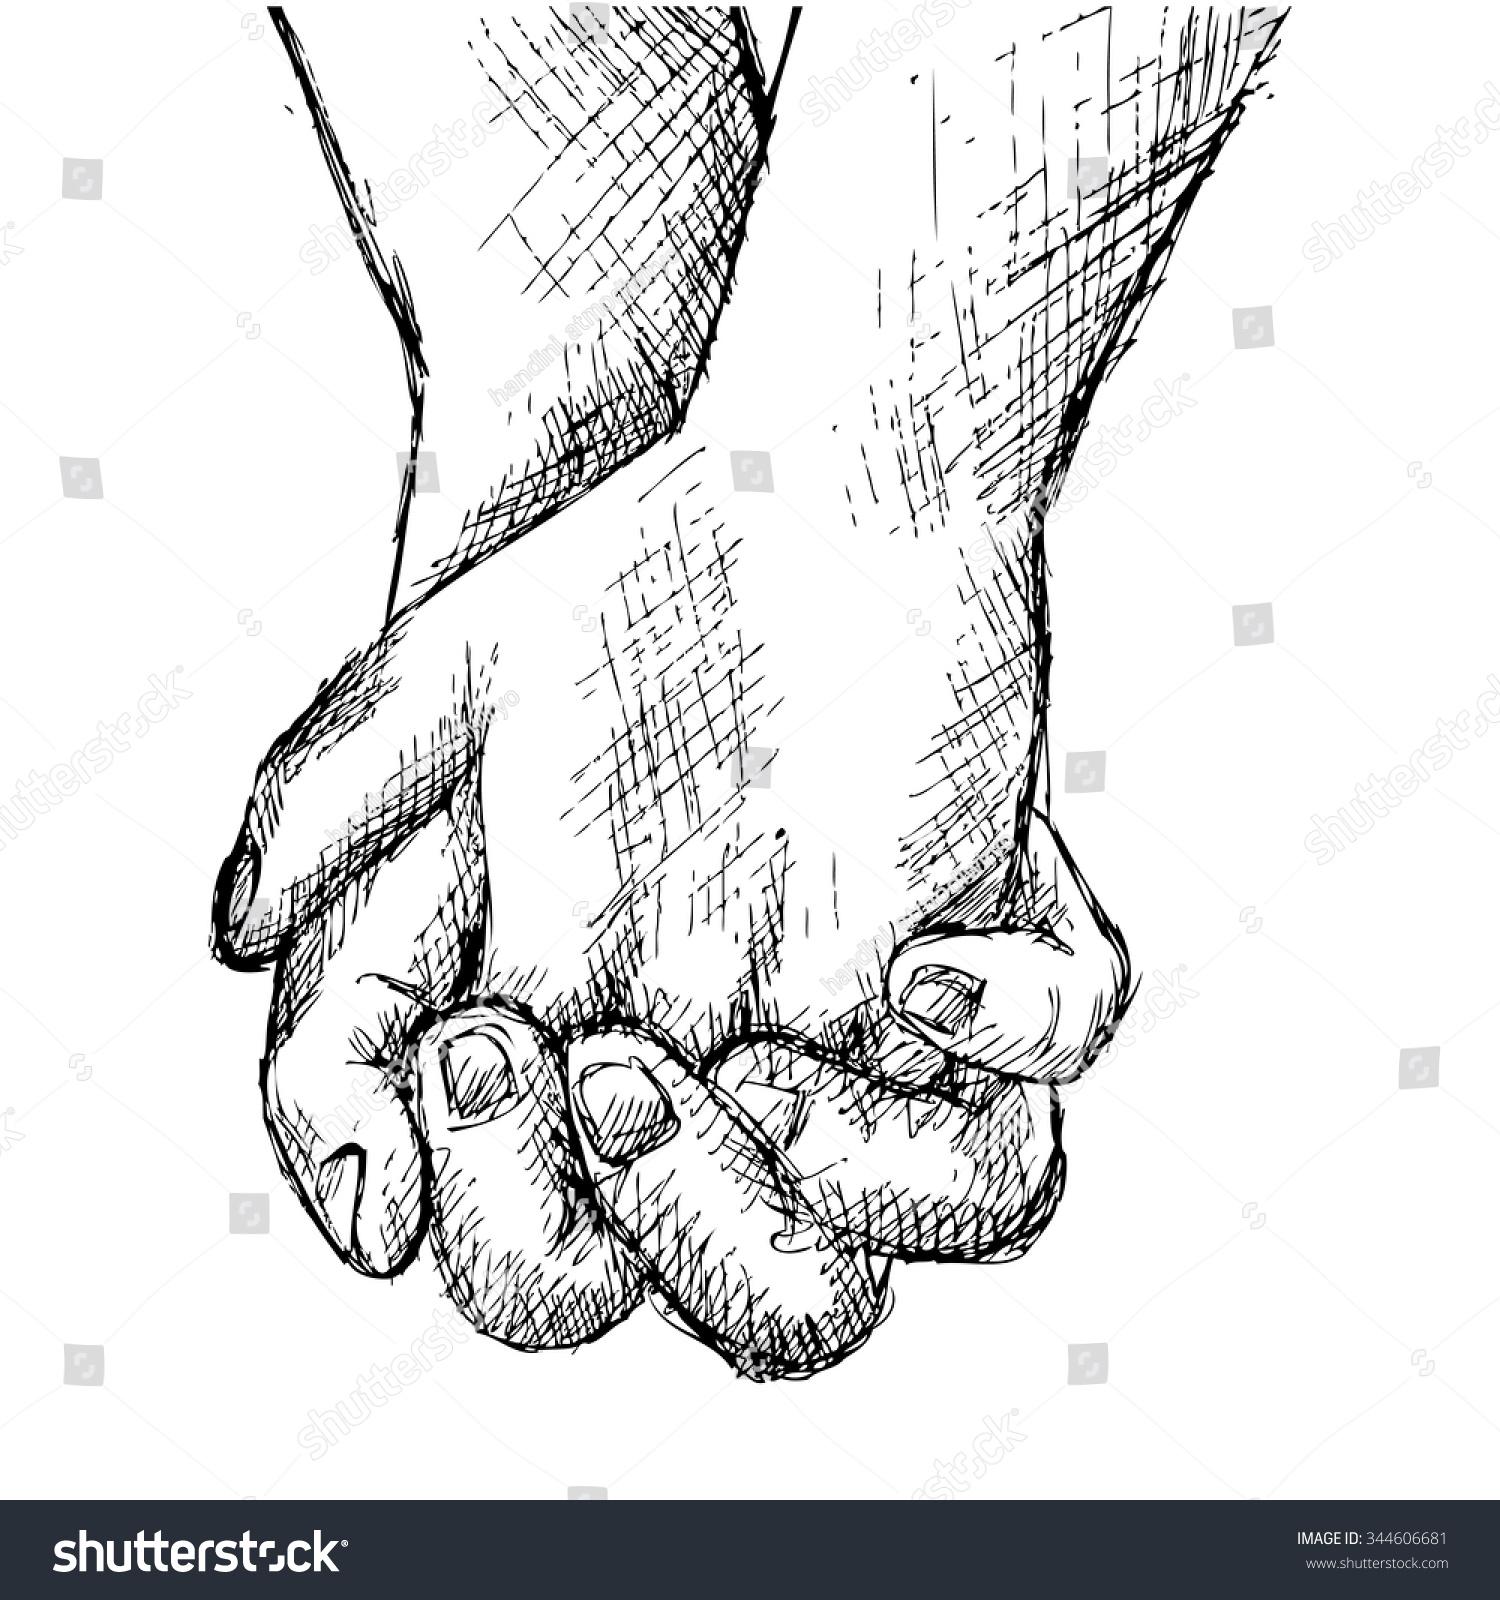 Uncategorized Holding Hands Sketch hand sketch holding hands stock vector 344606681 shutterstock hands